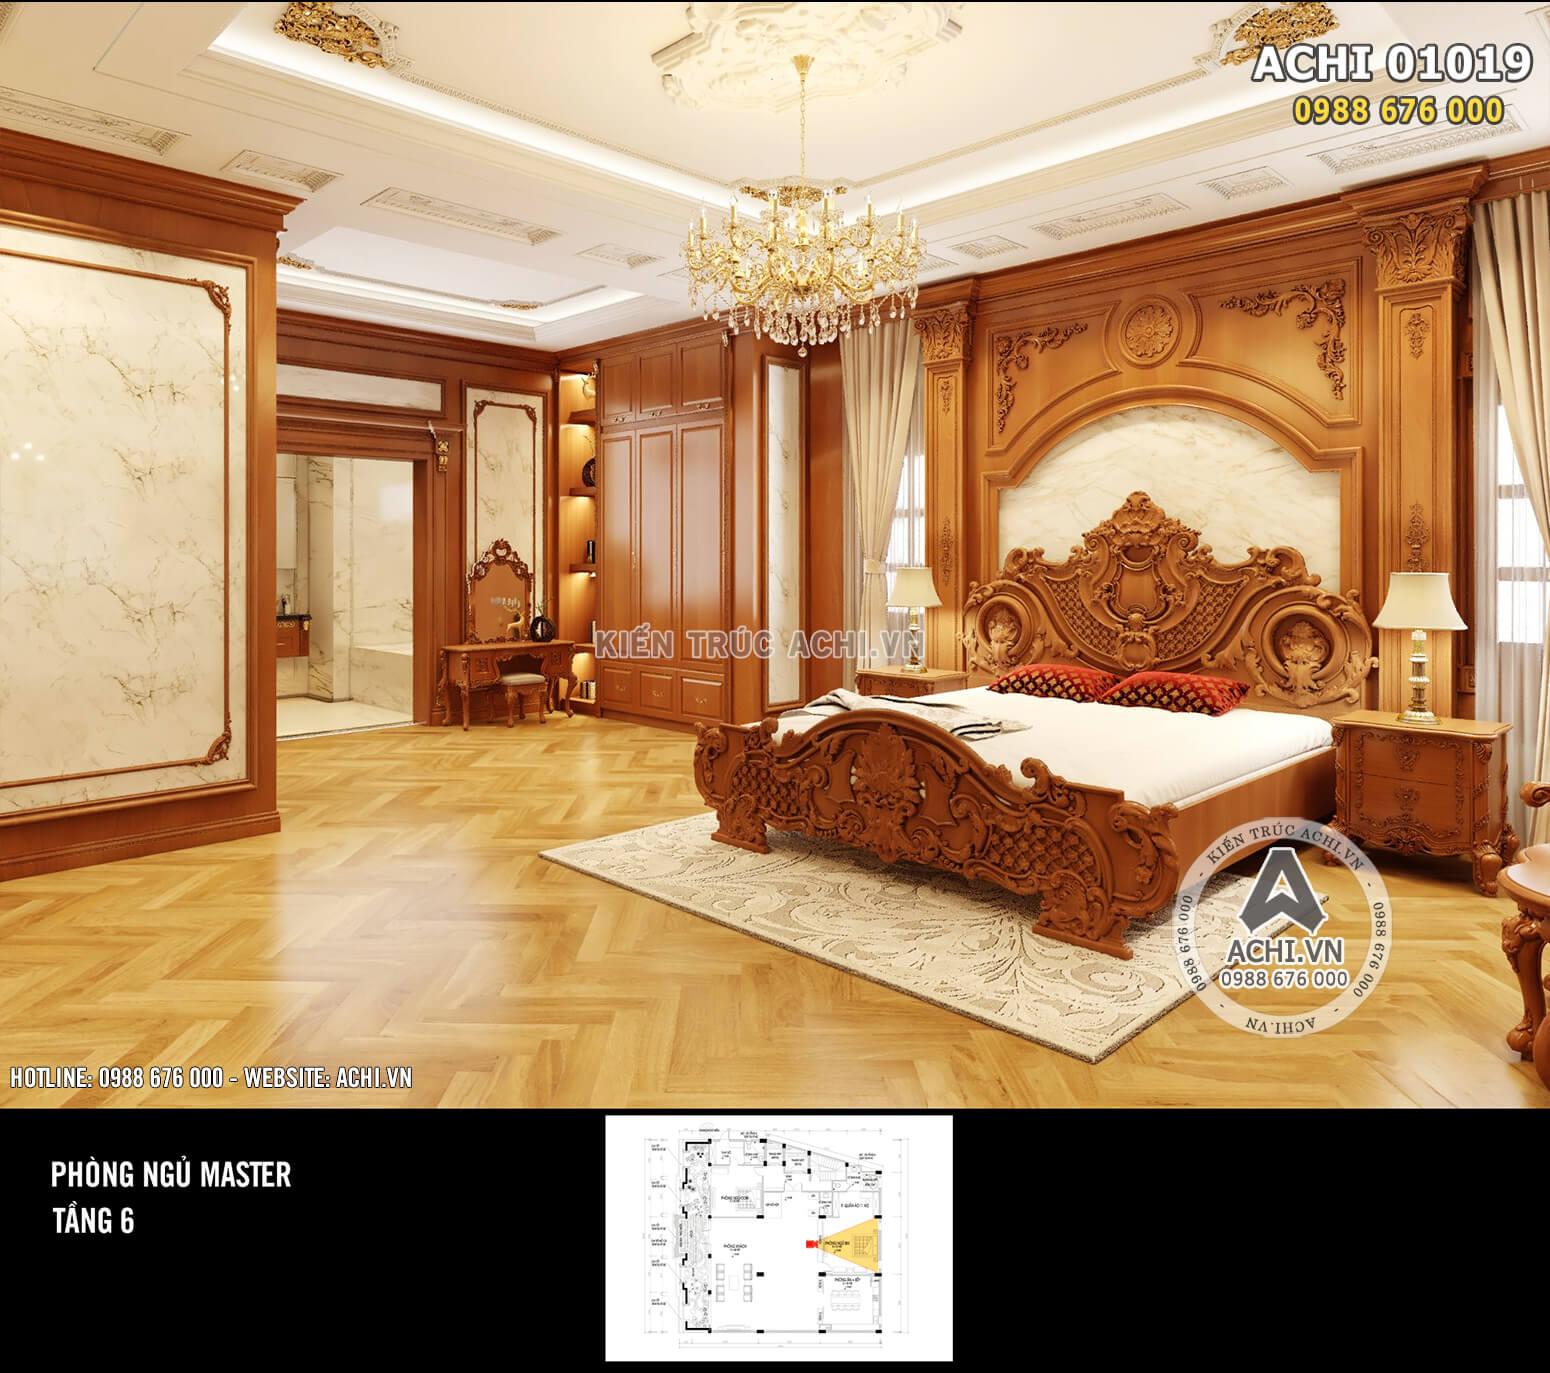 Hình ảnh: Không gian phòng ngủ rộng rãi và sang trọng – ACHI 01019